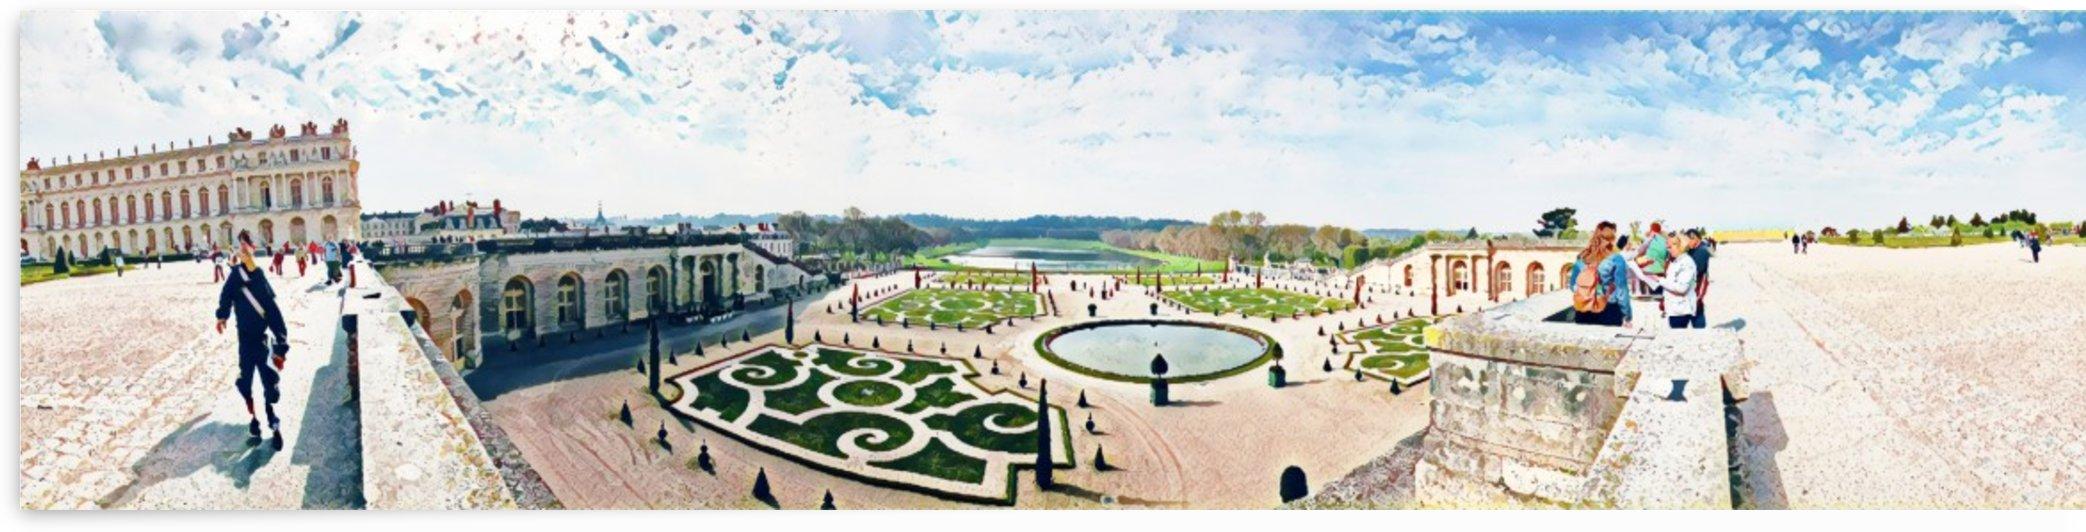 Versailles & Garden  by Jessica Toth